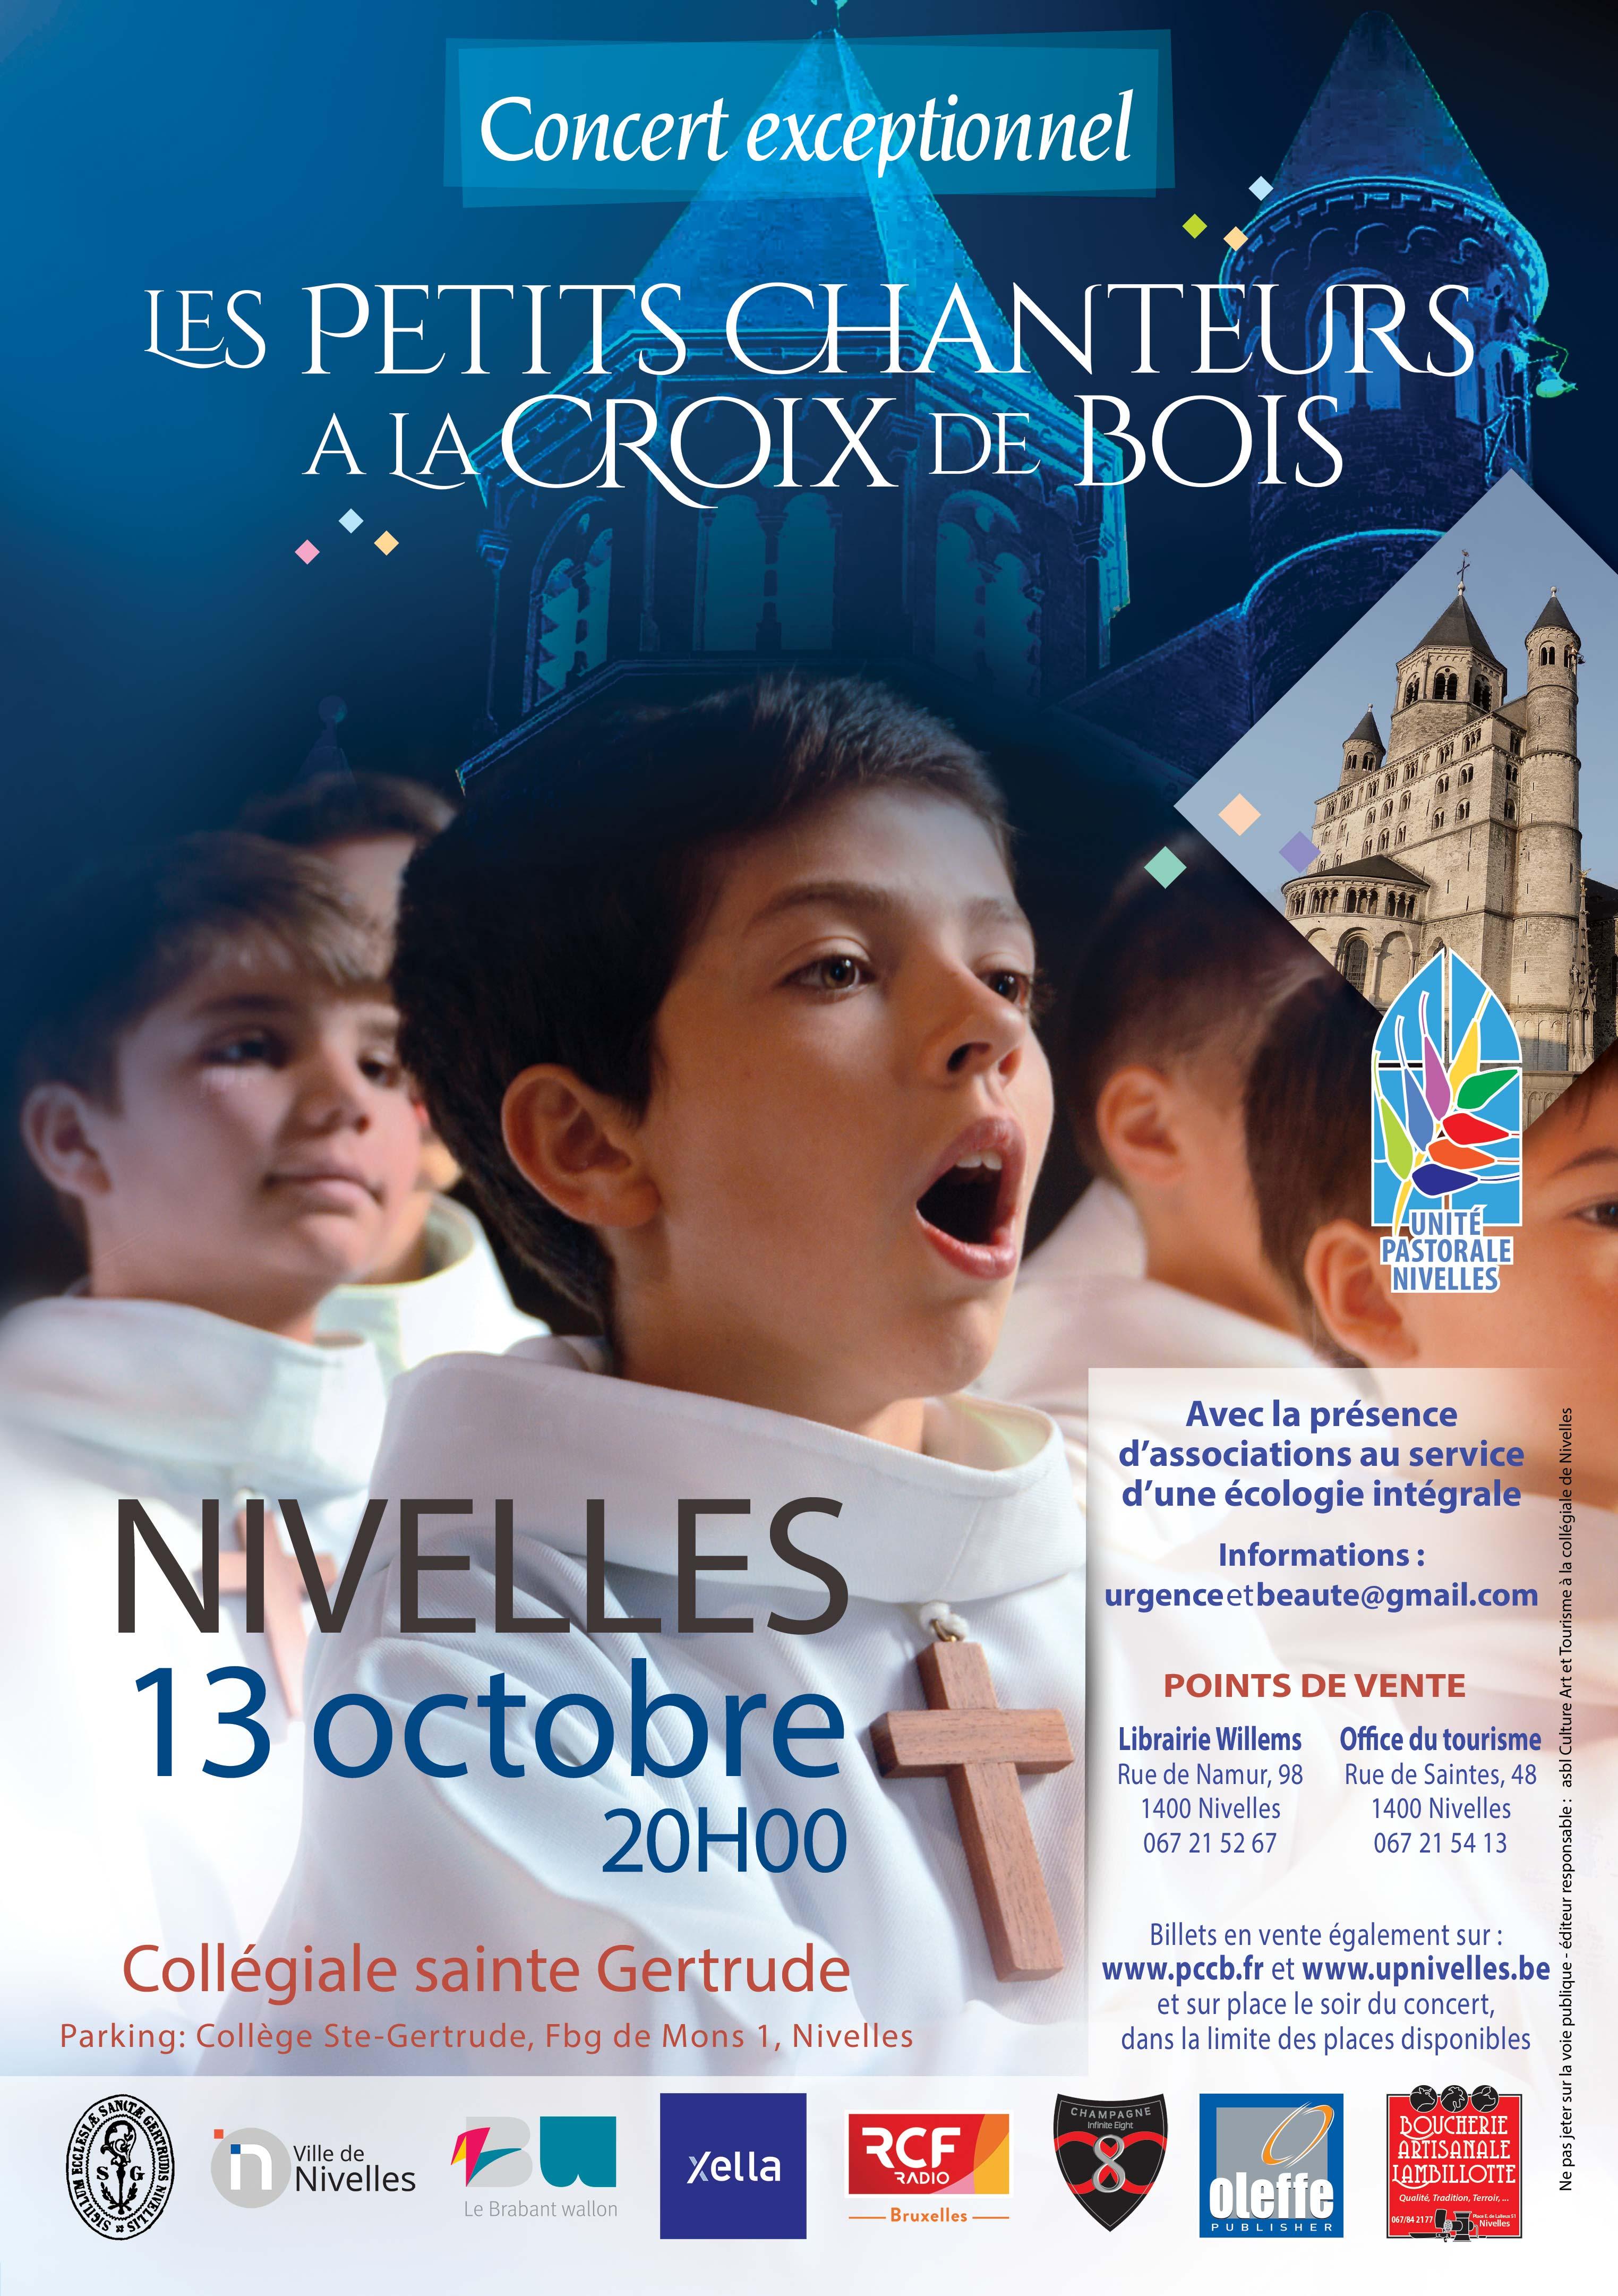 Affiche web PCCB Nivelles 13 oct 2018